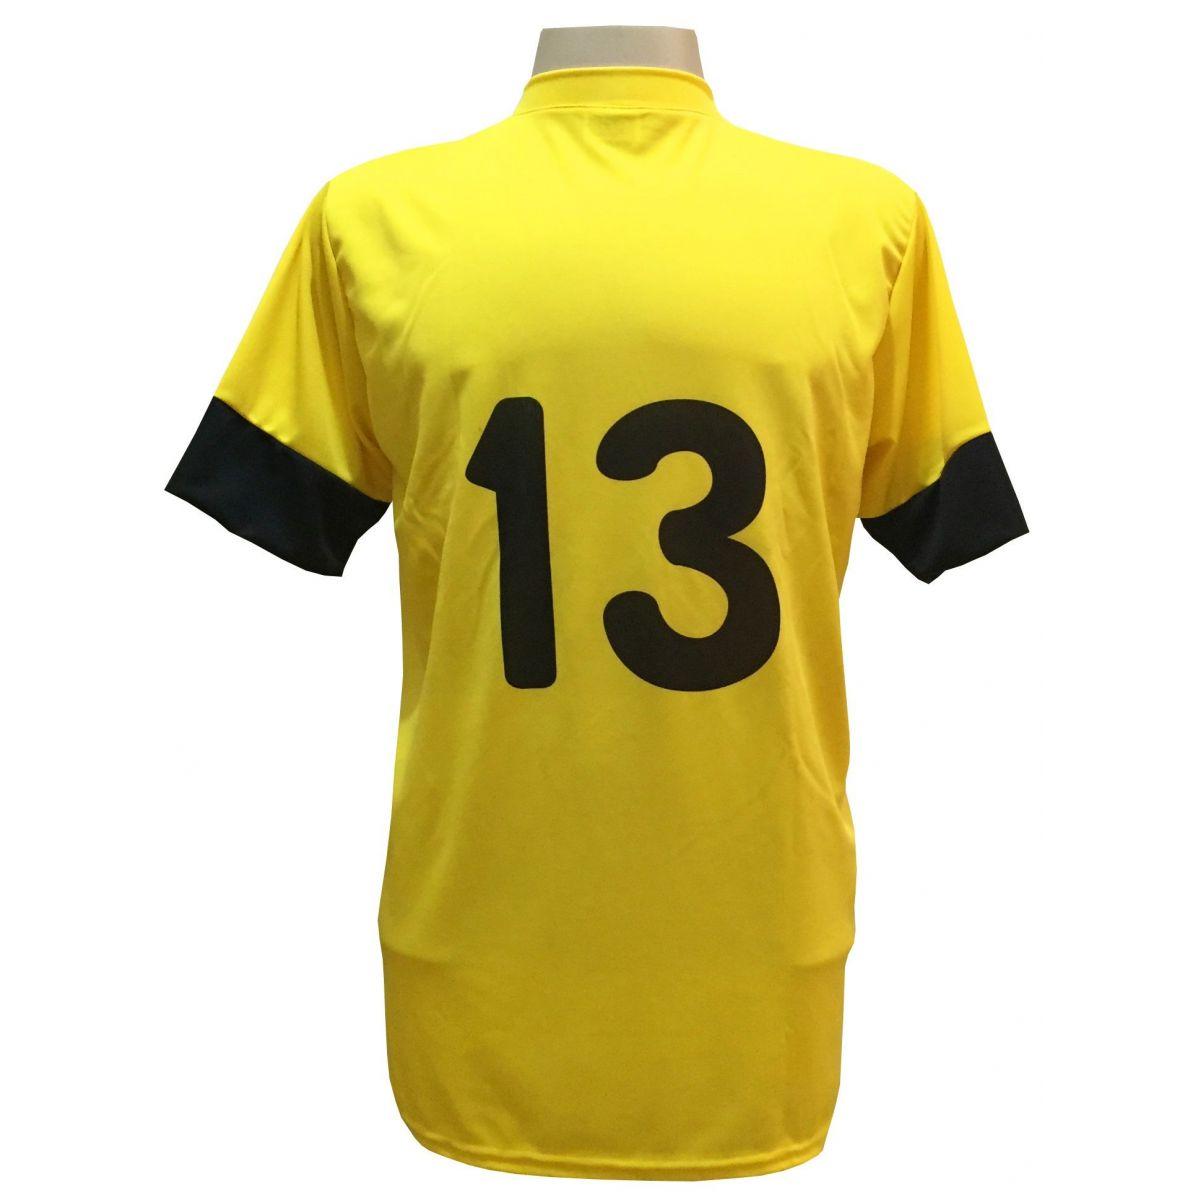 Fardamento Completo Modelo Columbus 18+1 (18 Camisas Amarelo/Preto + 18 Calções Madrid Preto + 18 Pares de Meiões Amarelo + 1 Conjunto de Goleiro) + Brindes